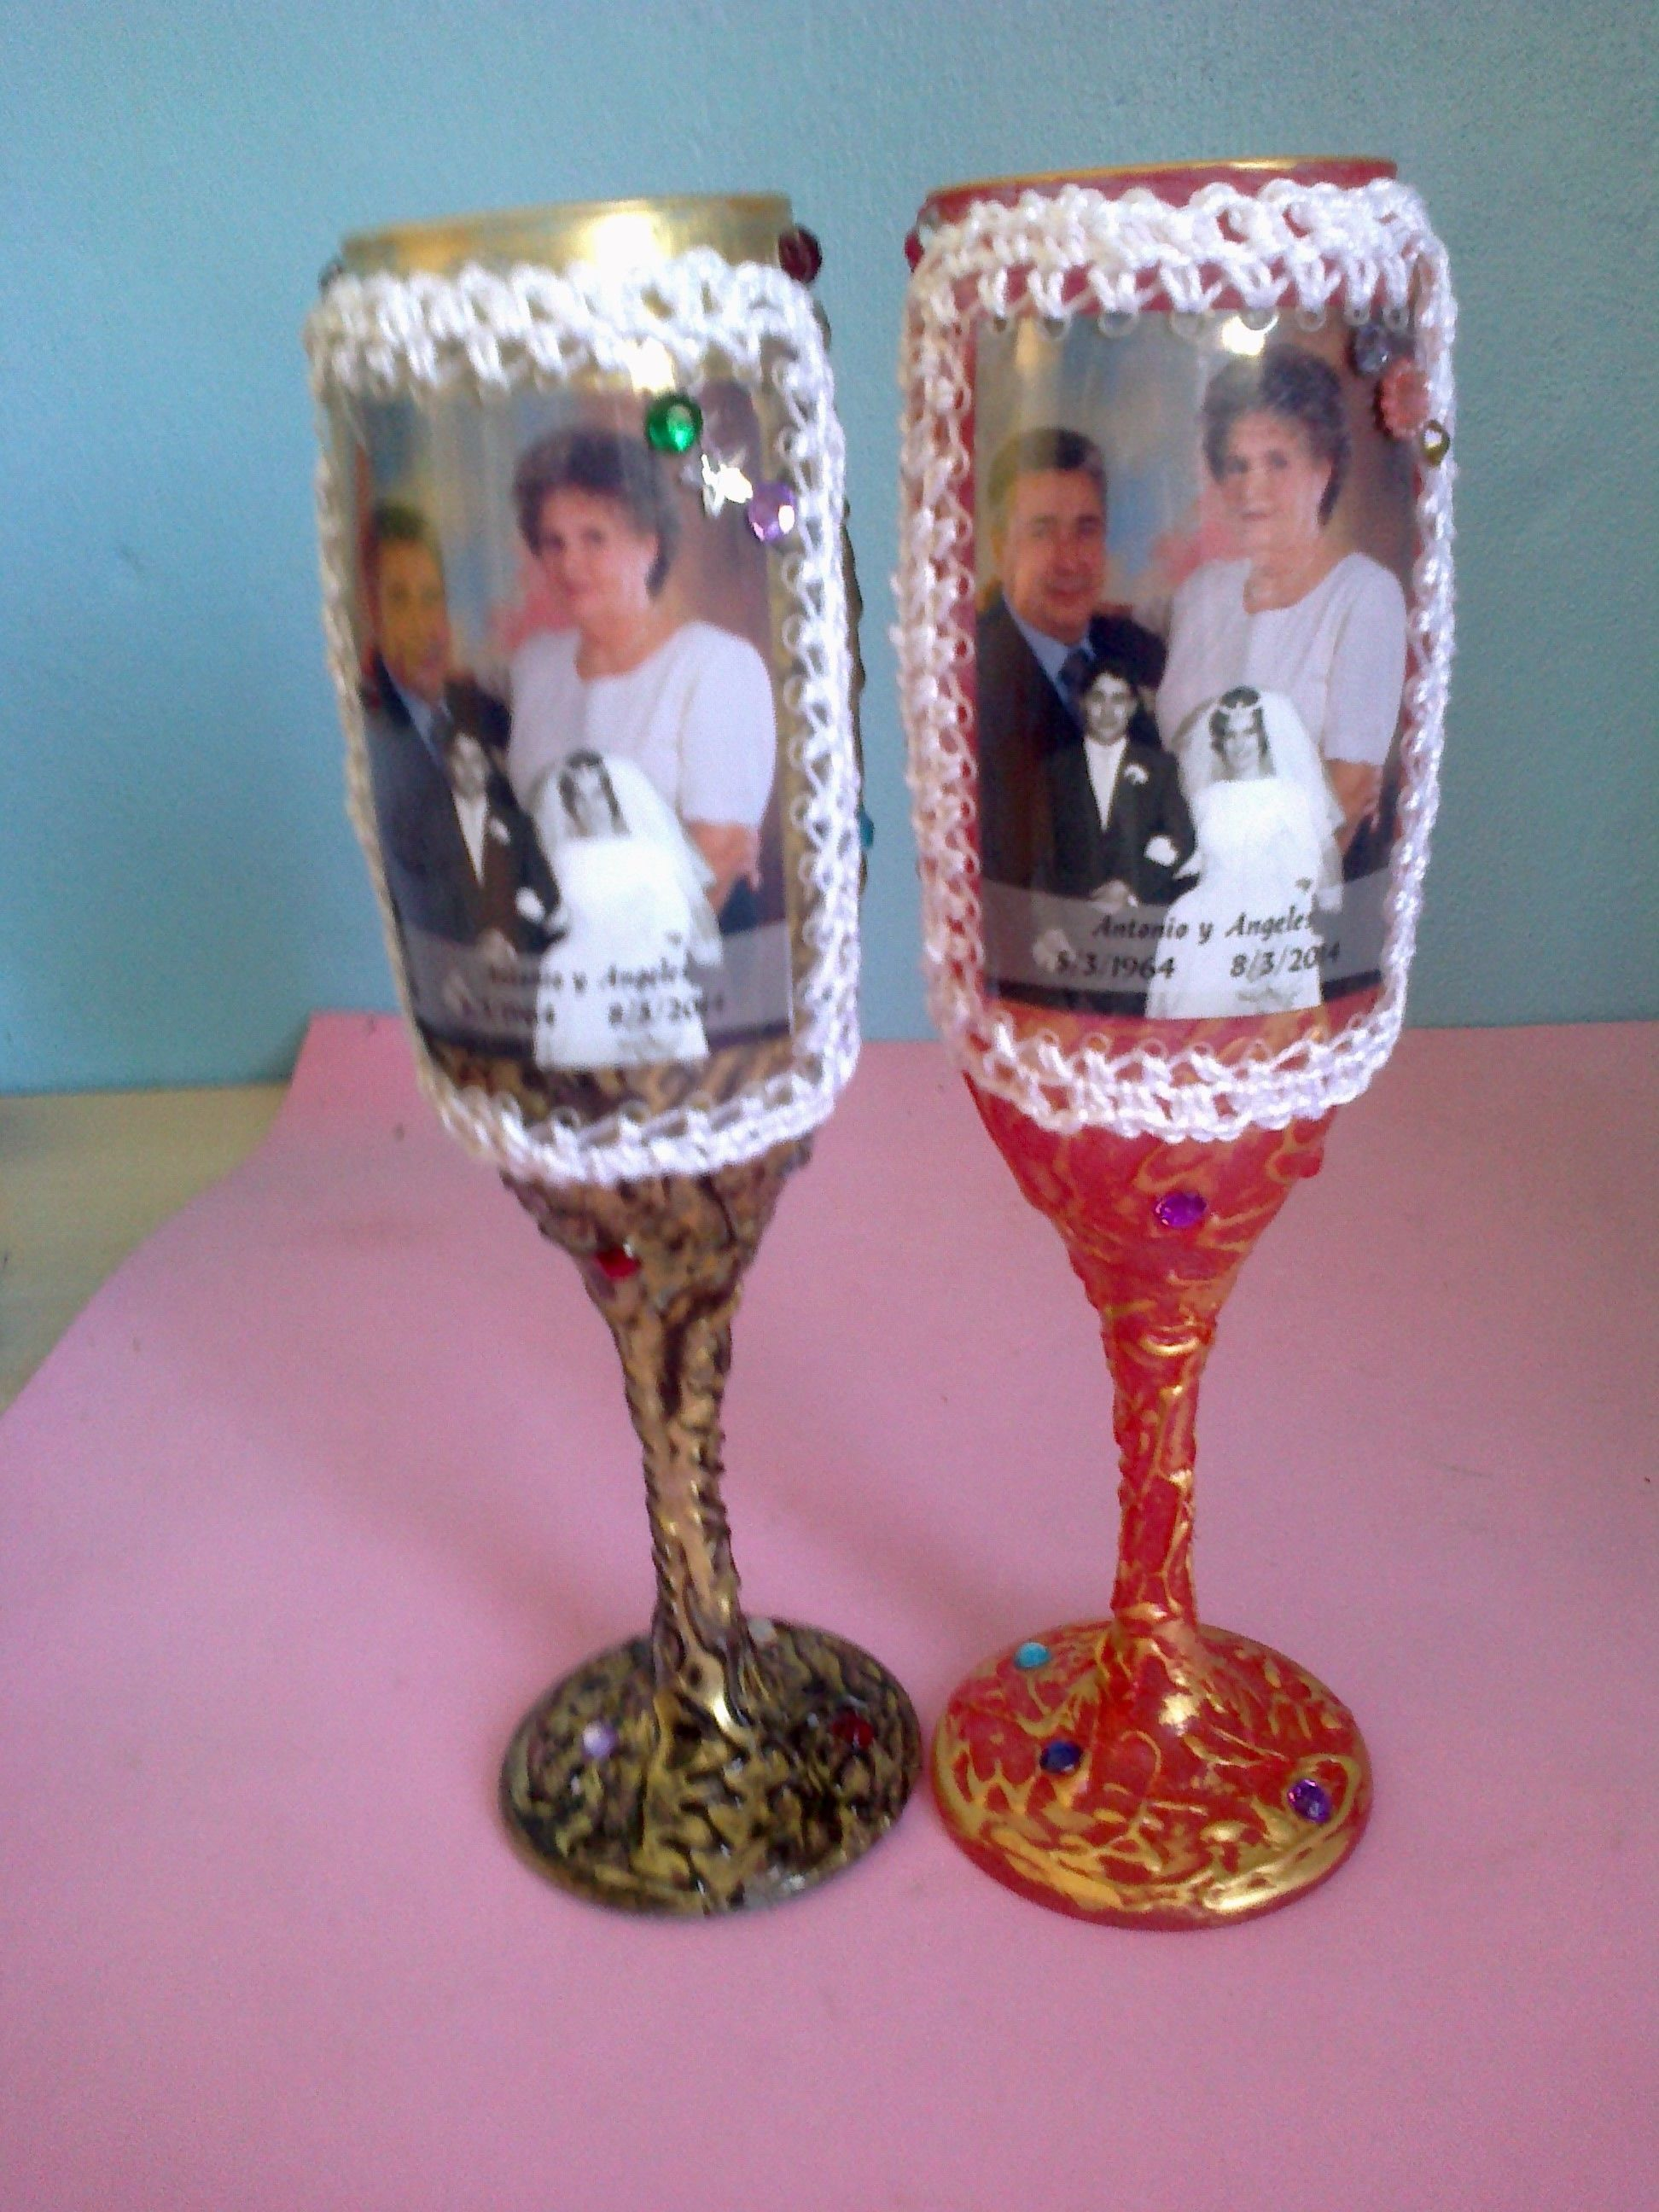 Copas decoradas para detalles de boda copas pinterest - Detalles decoracion boda ...